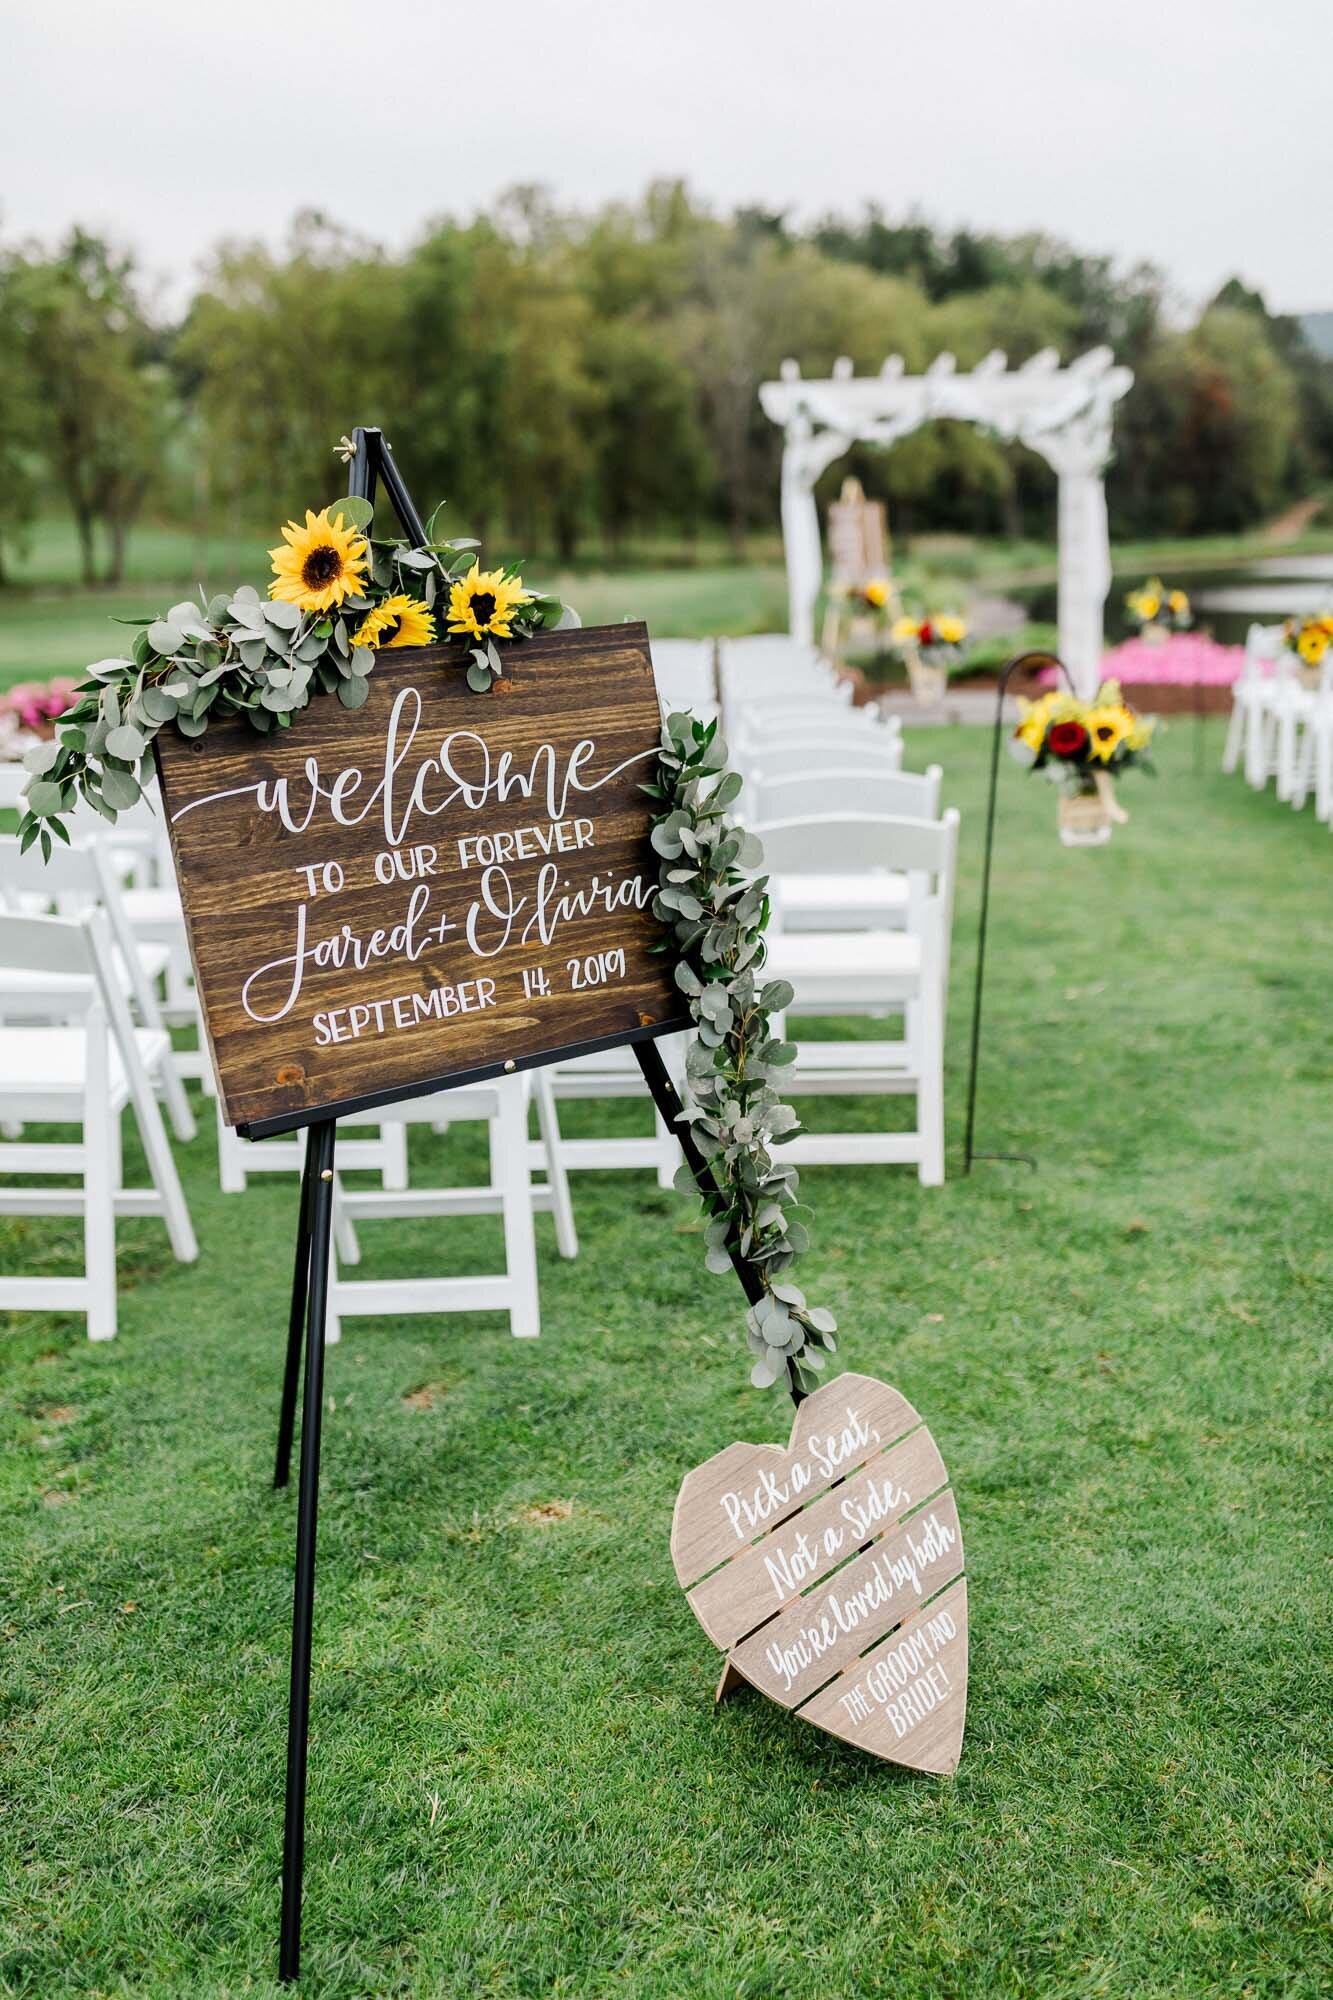 links-hemlock-creek-bloomsburg-wedding-5982.jpg